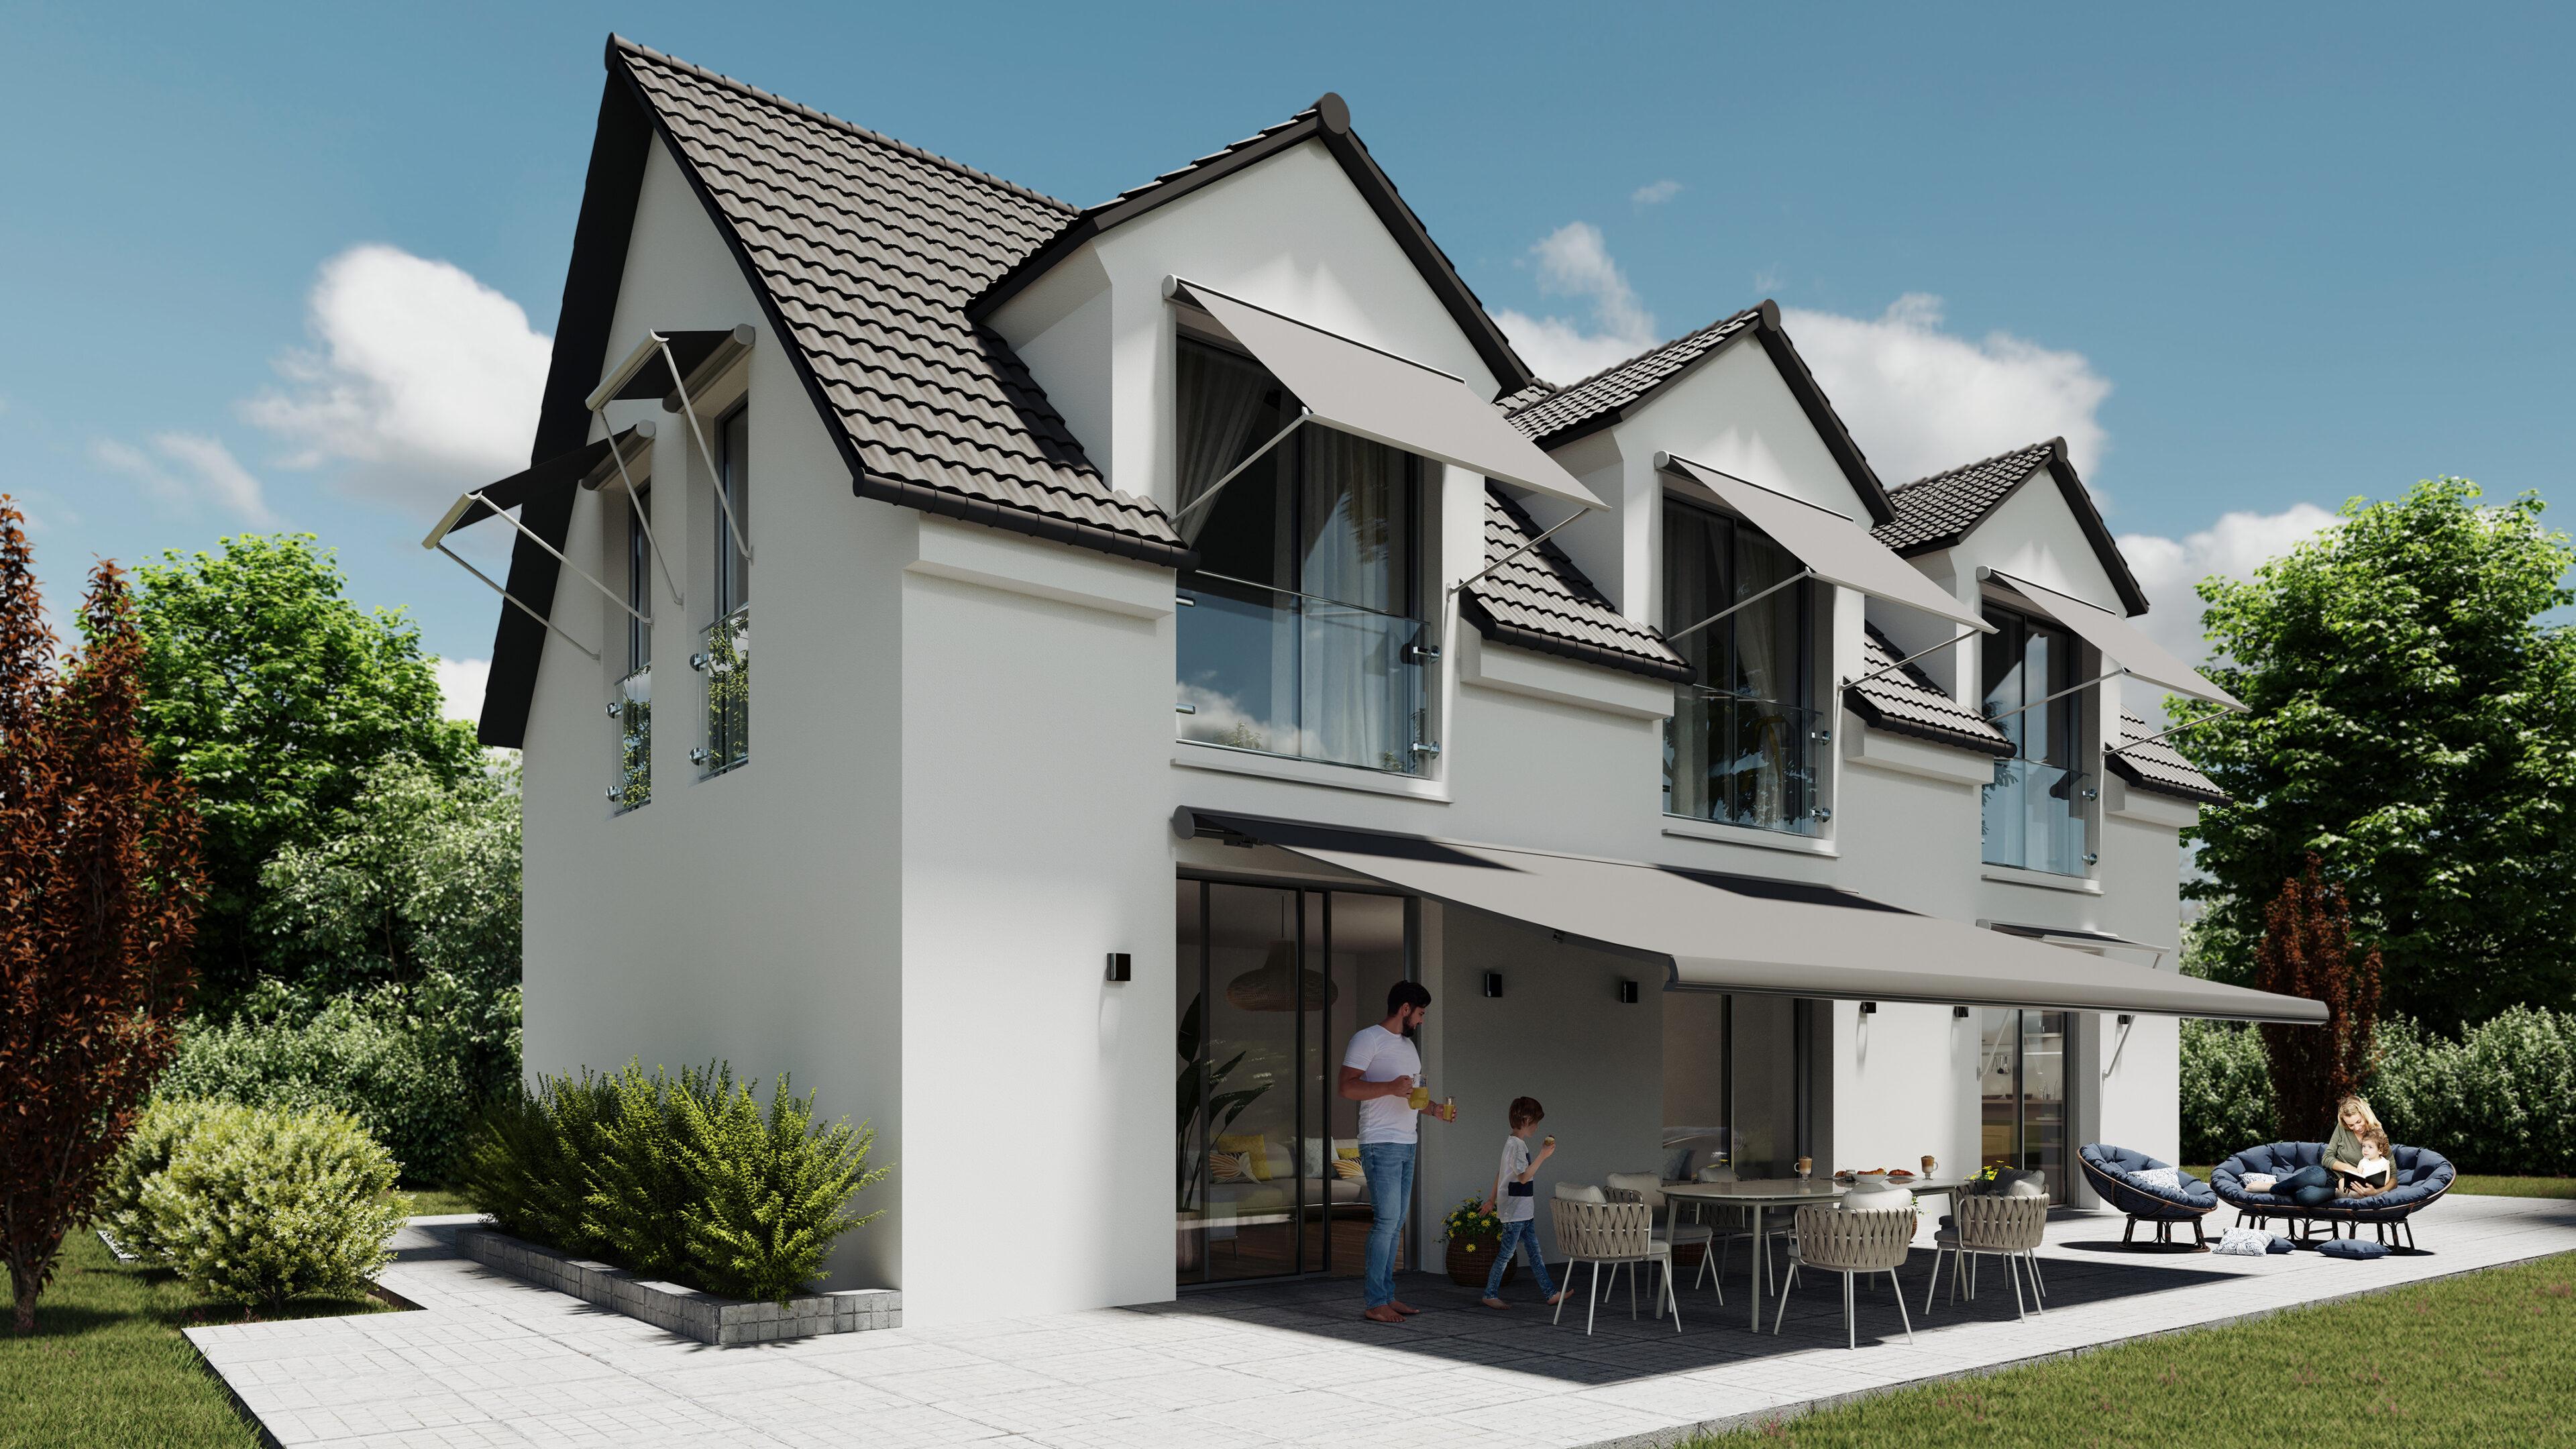 kadeco_markise_210_790_terrasse_fenster_grau_web-scaled Outdoor und Insektenschutz